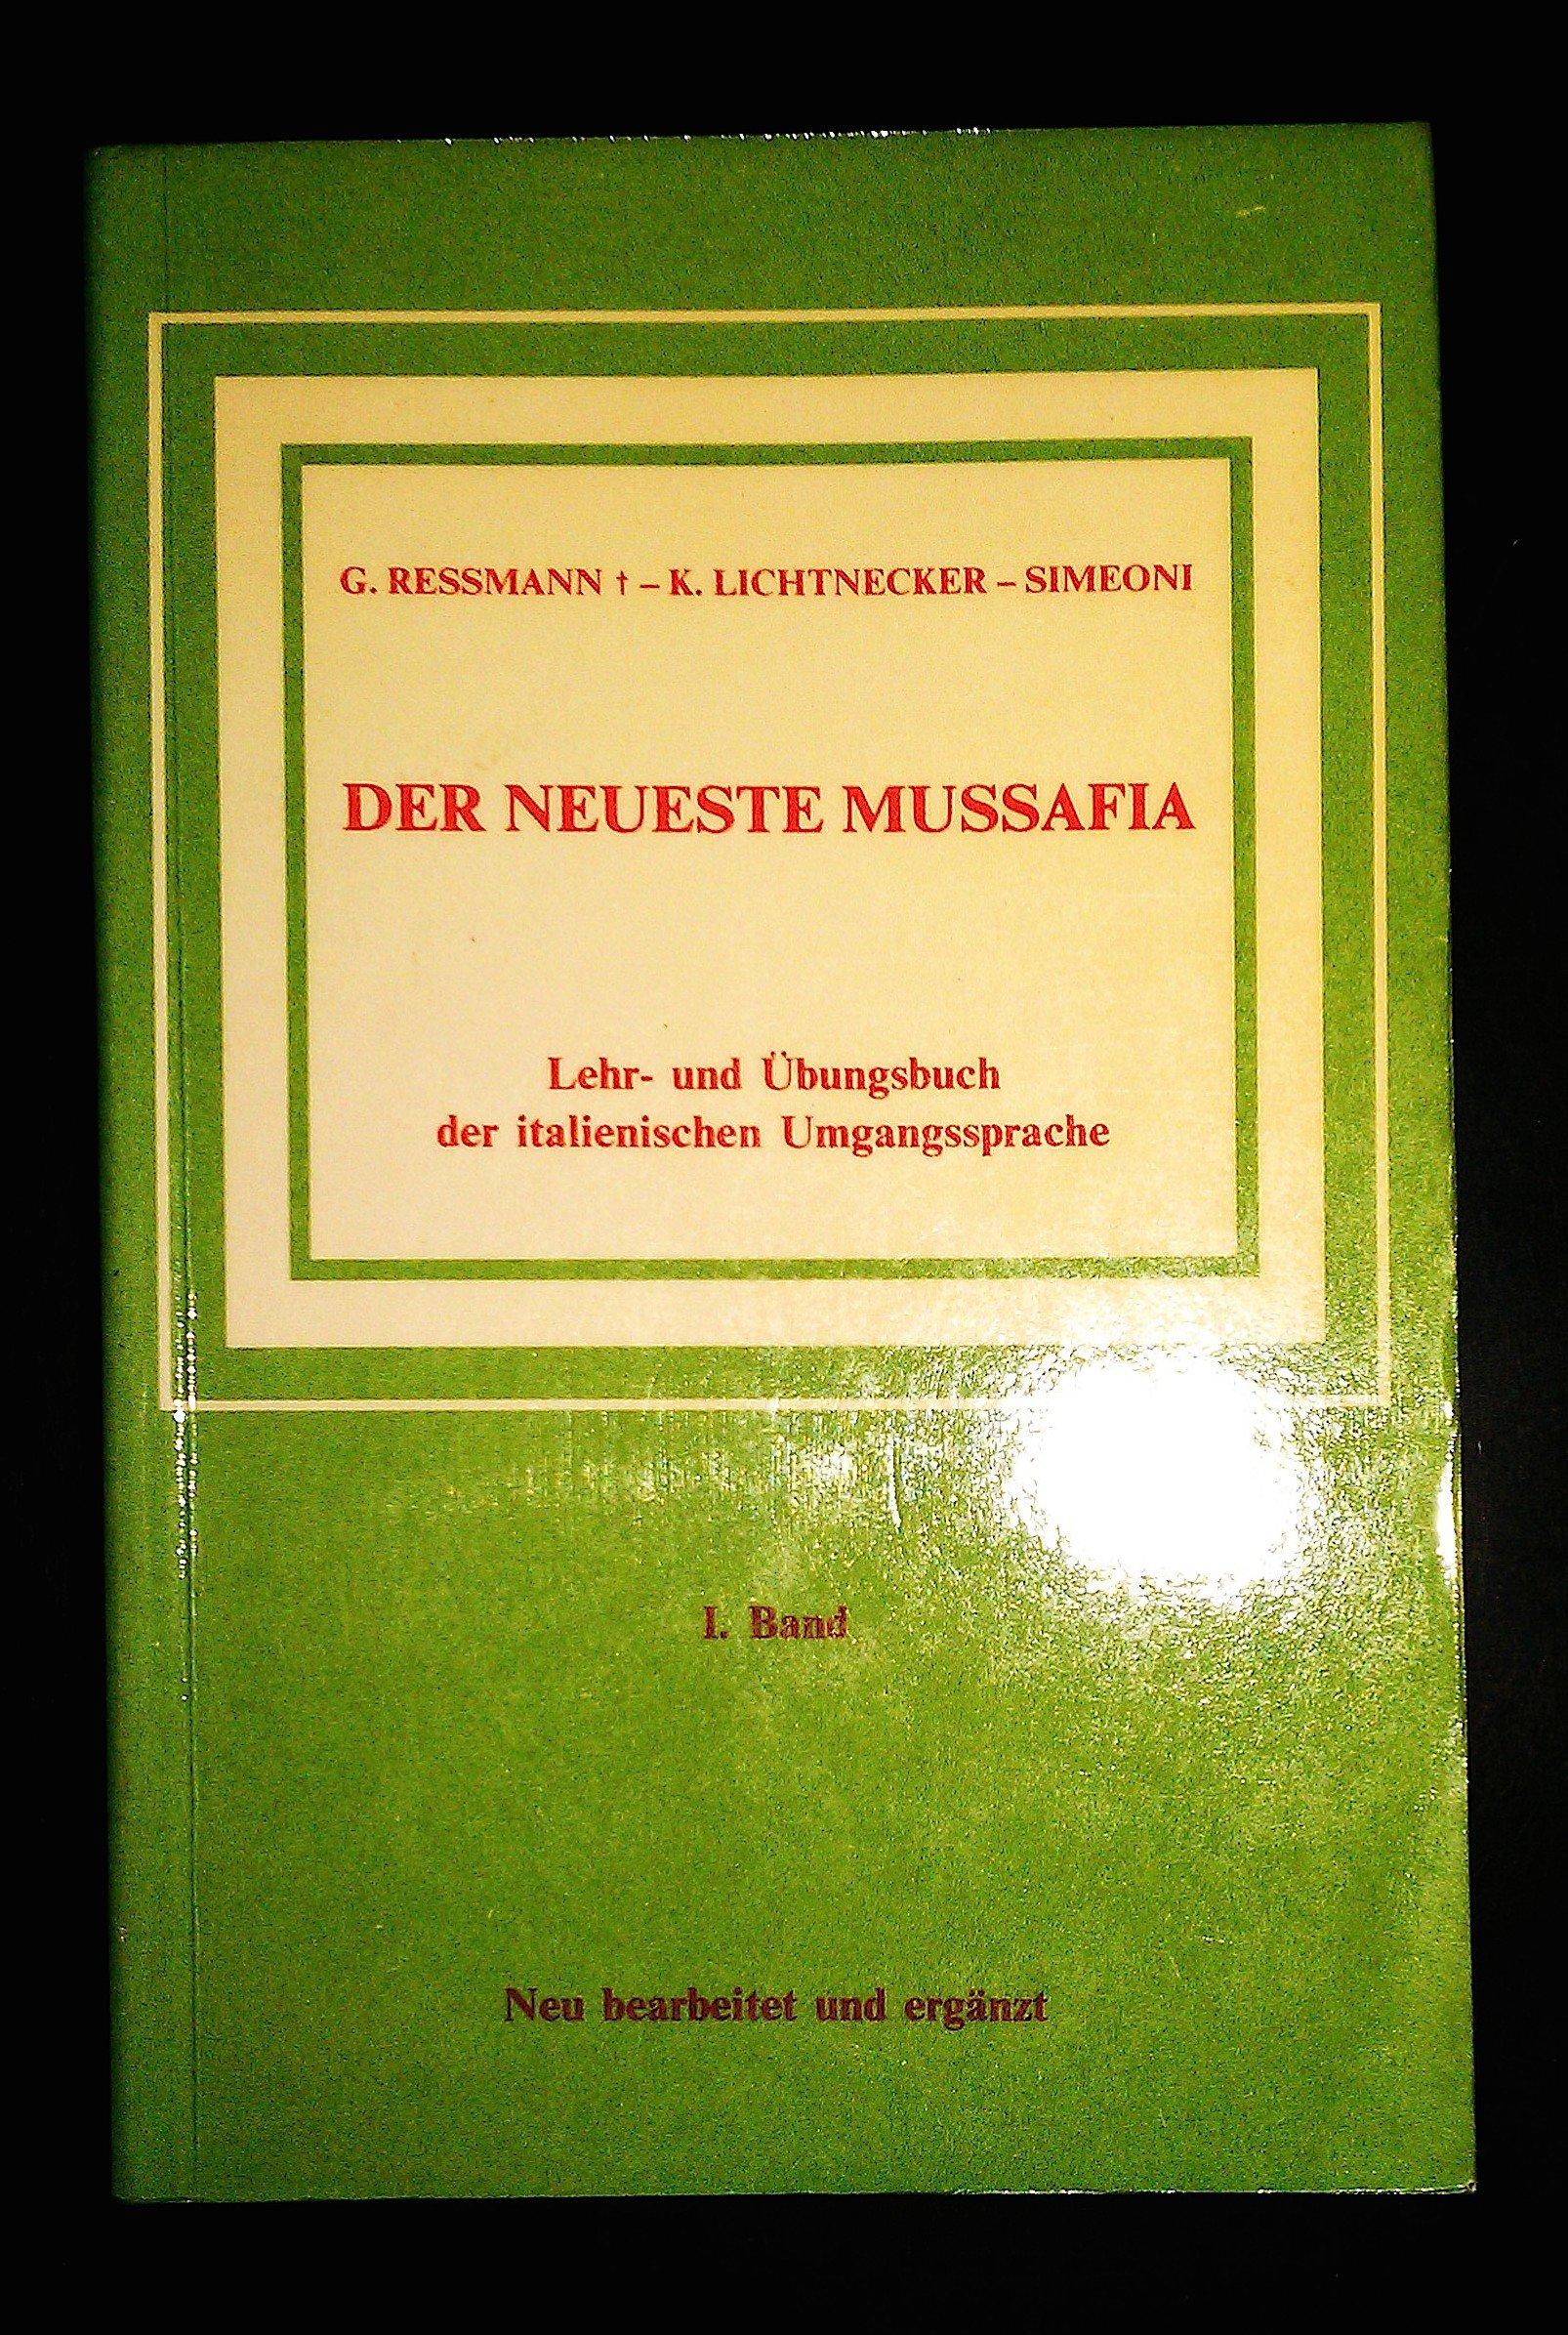 Der neueste Mussafia. Lehr- und Übungsbuch der italienischen Umgangssprache: (Mussafia) Der neueste Mussafia, Bd.1